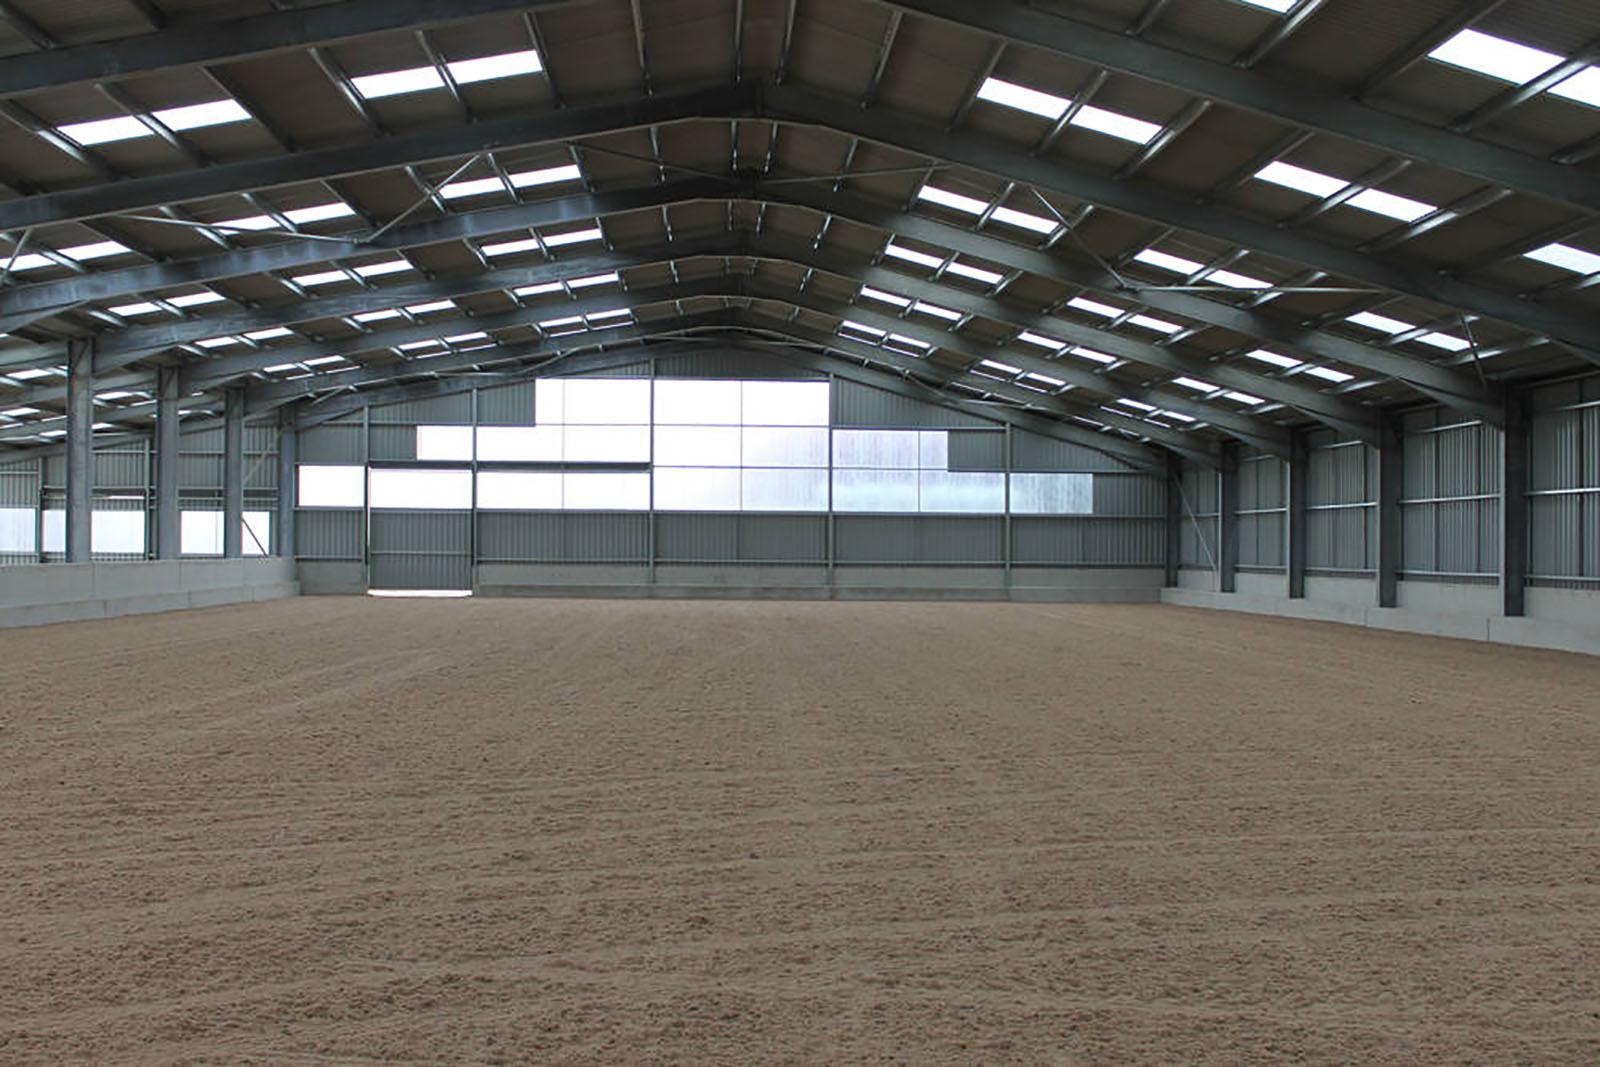 Riding-Arena-in-Flintshire-15.jpg